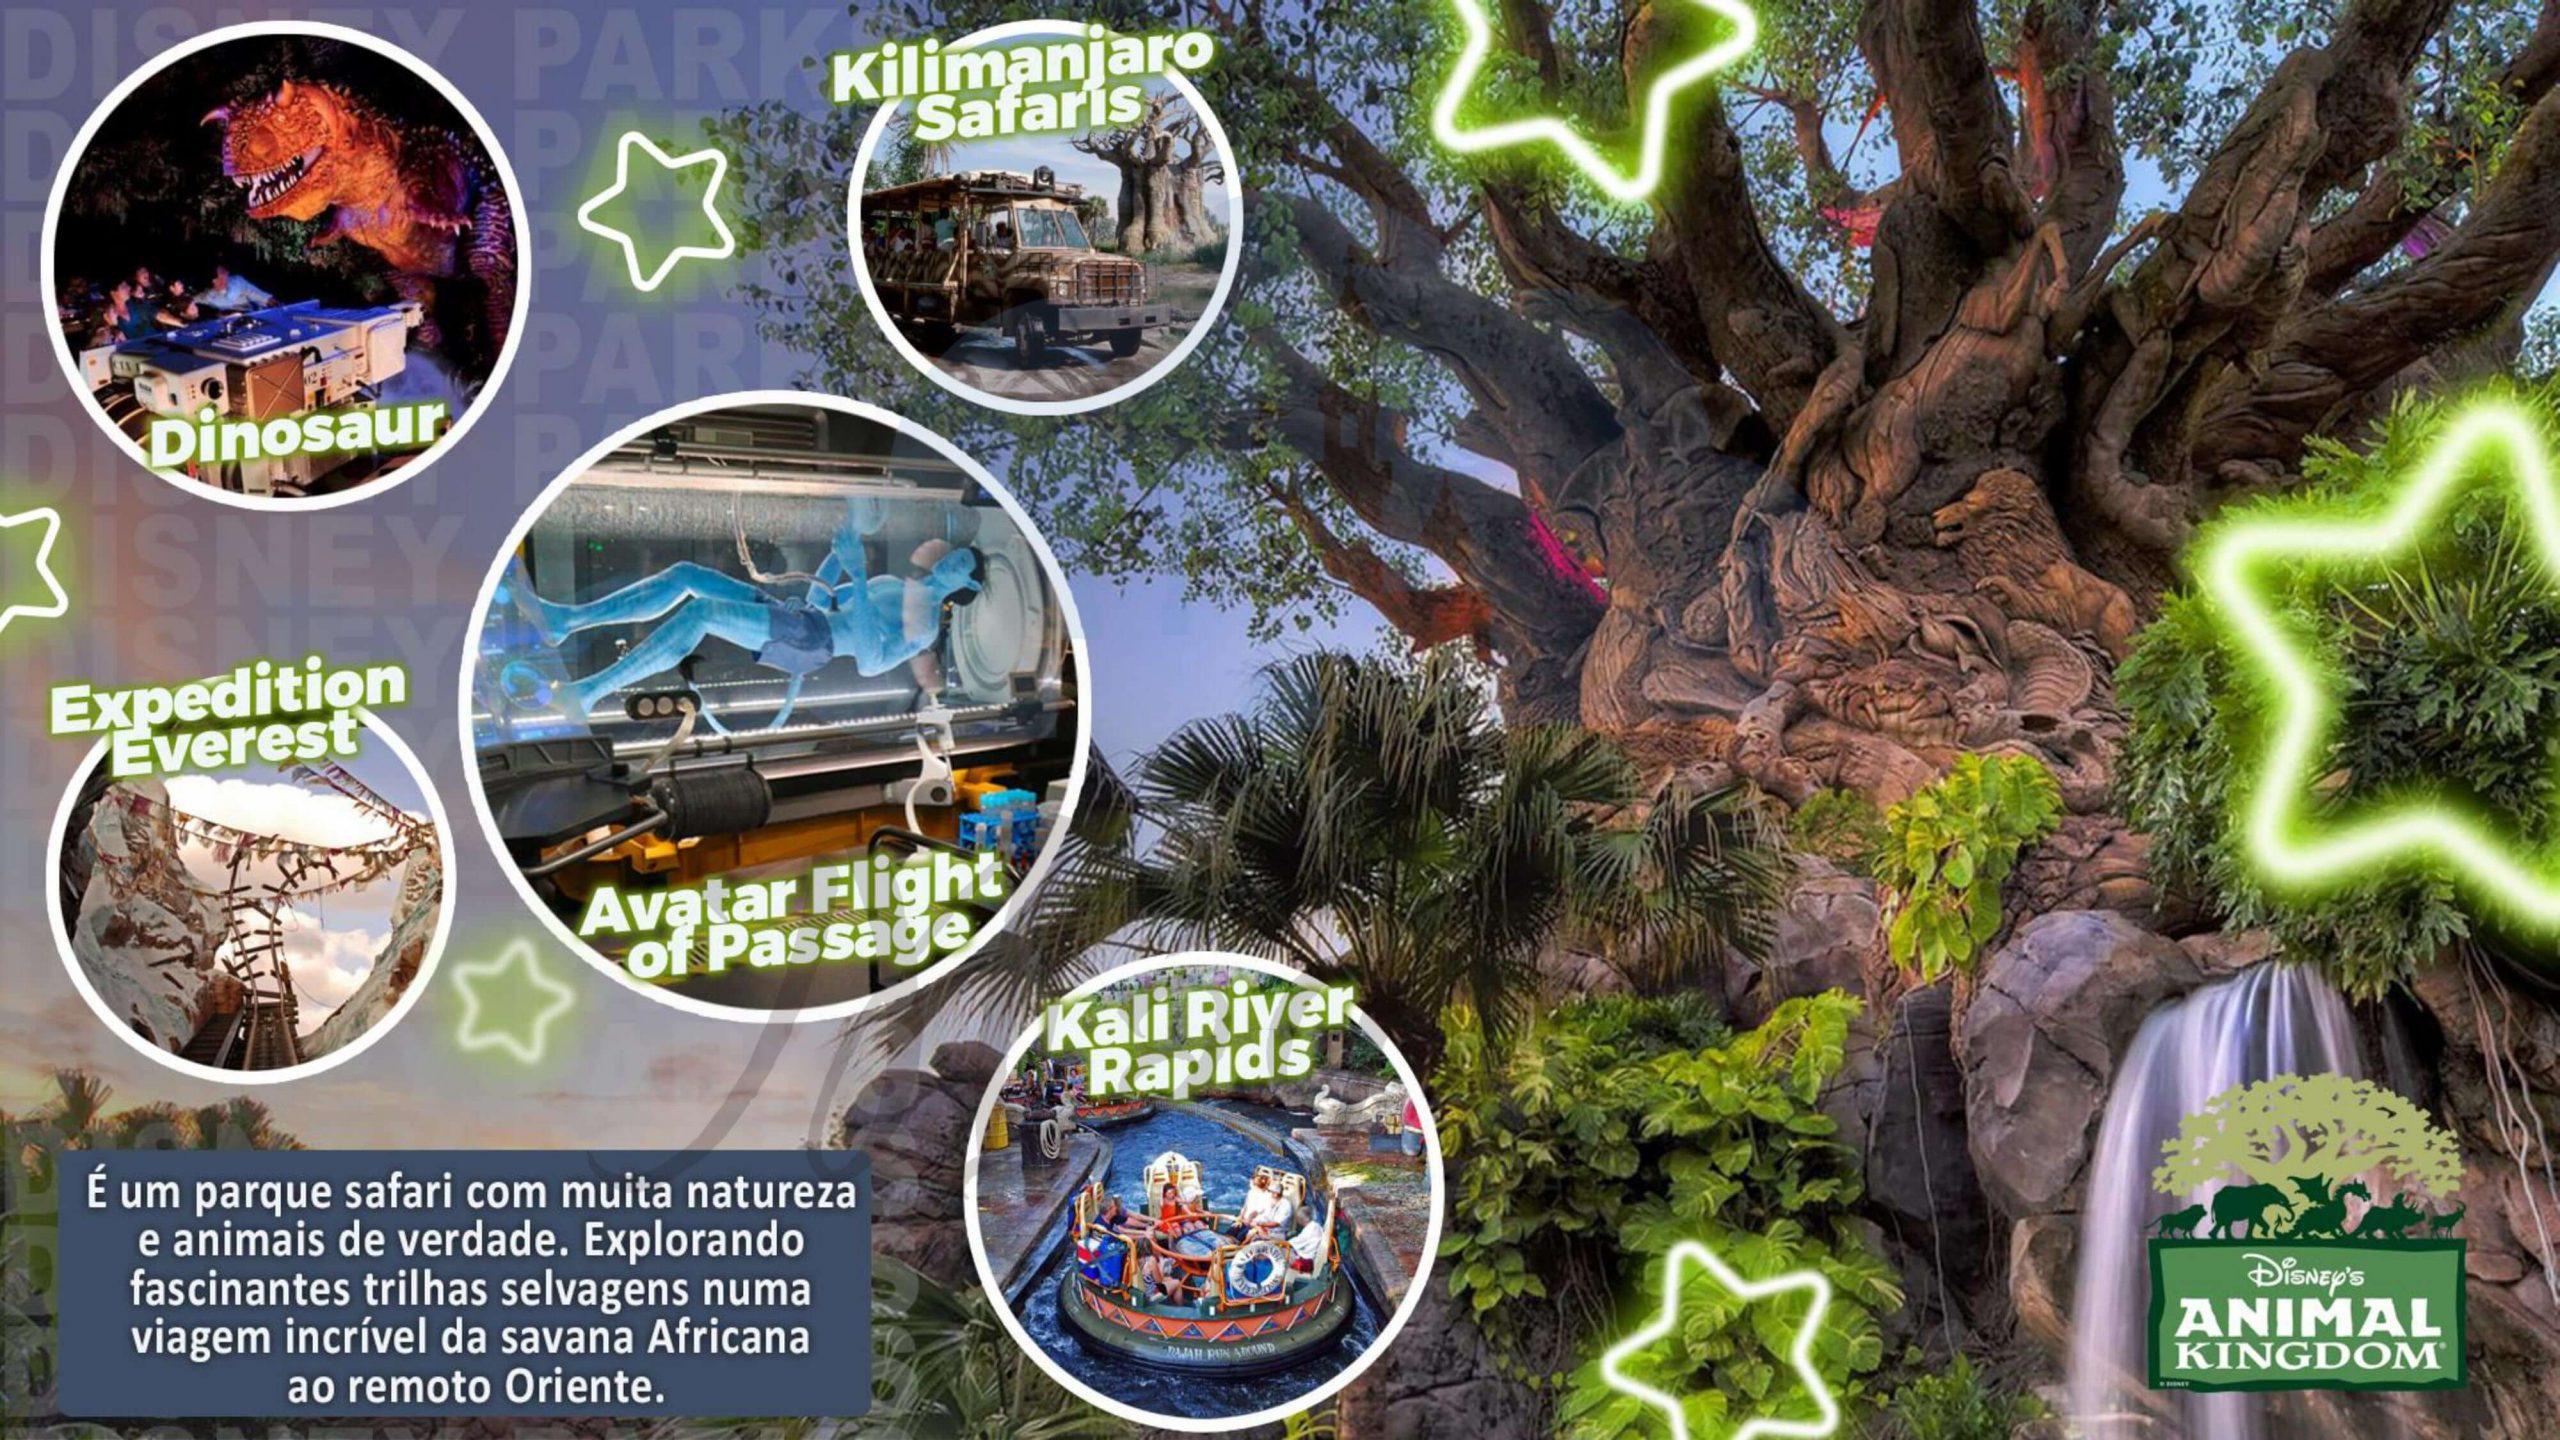 Grupo Sonho de Princesa - Disney Orlando Julho 2022 22